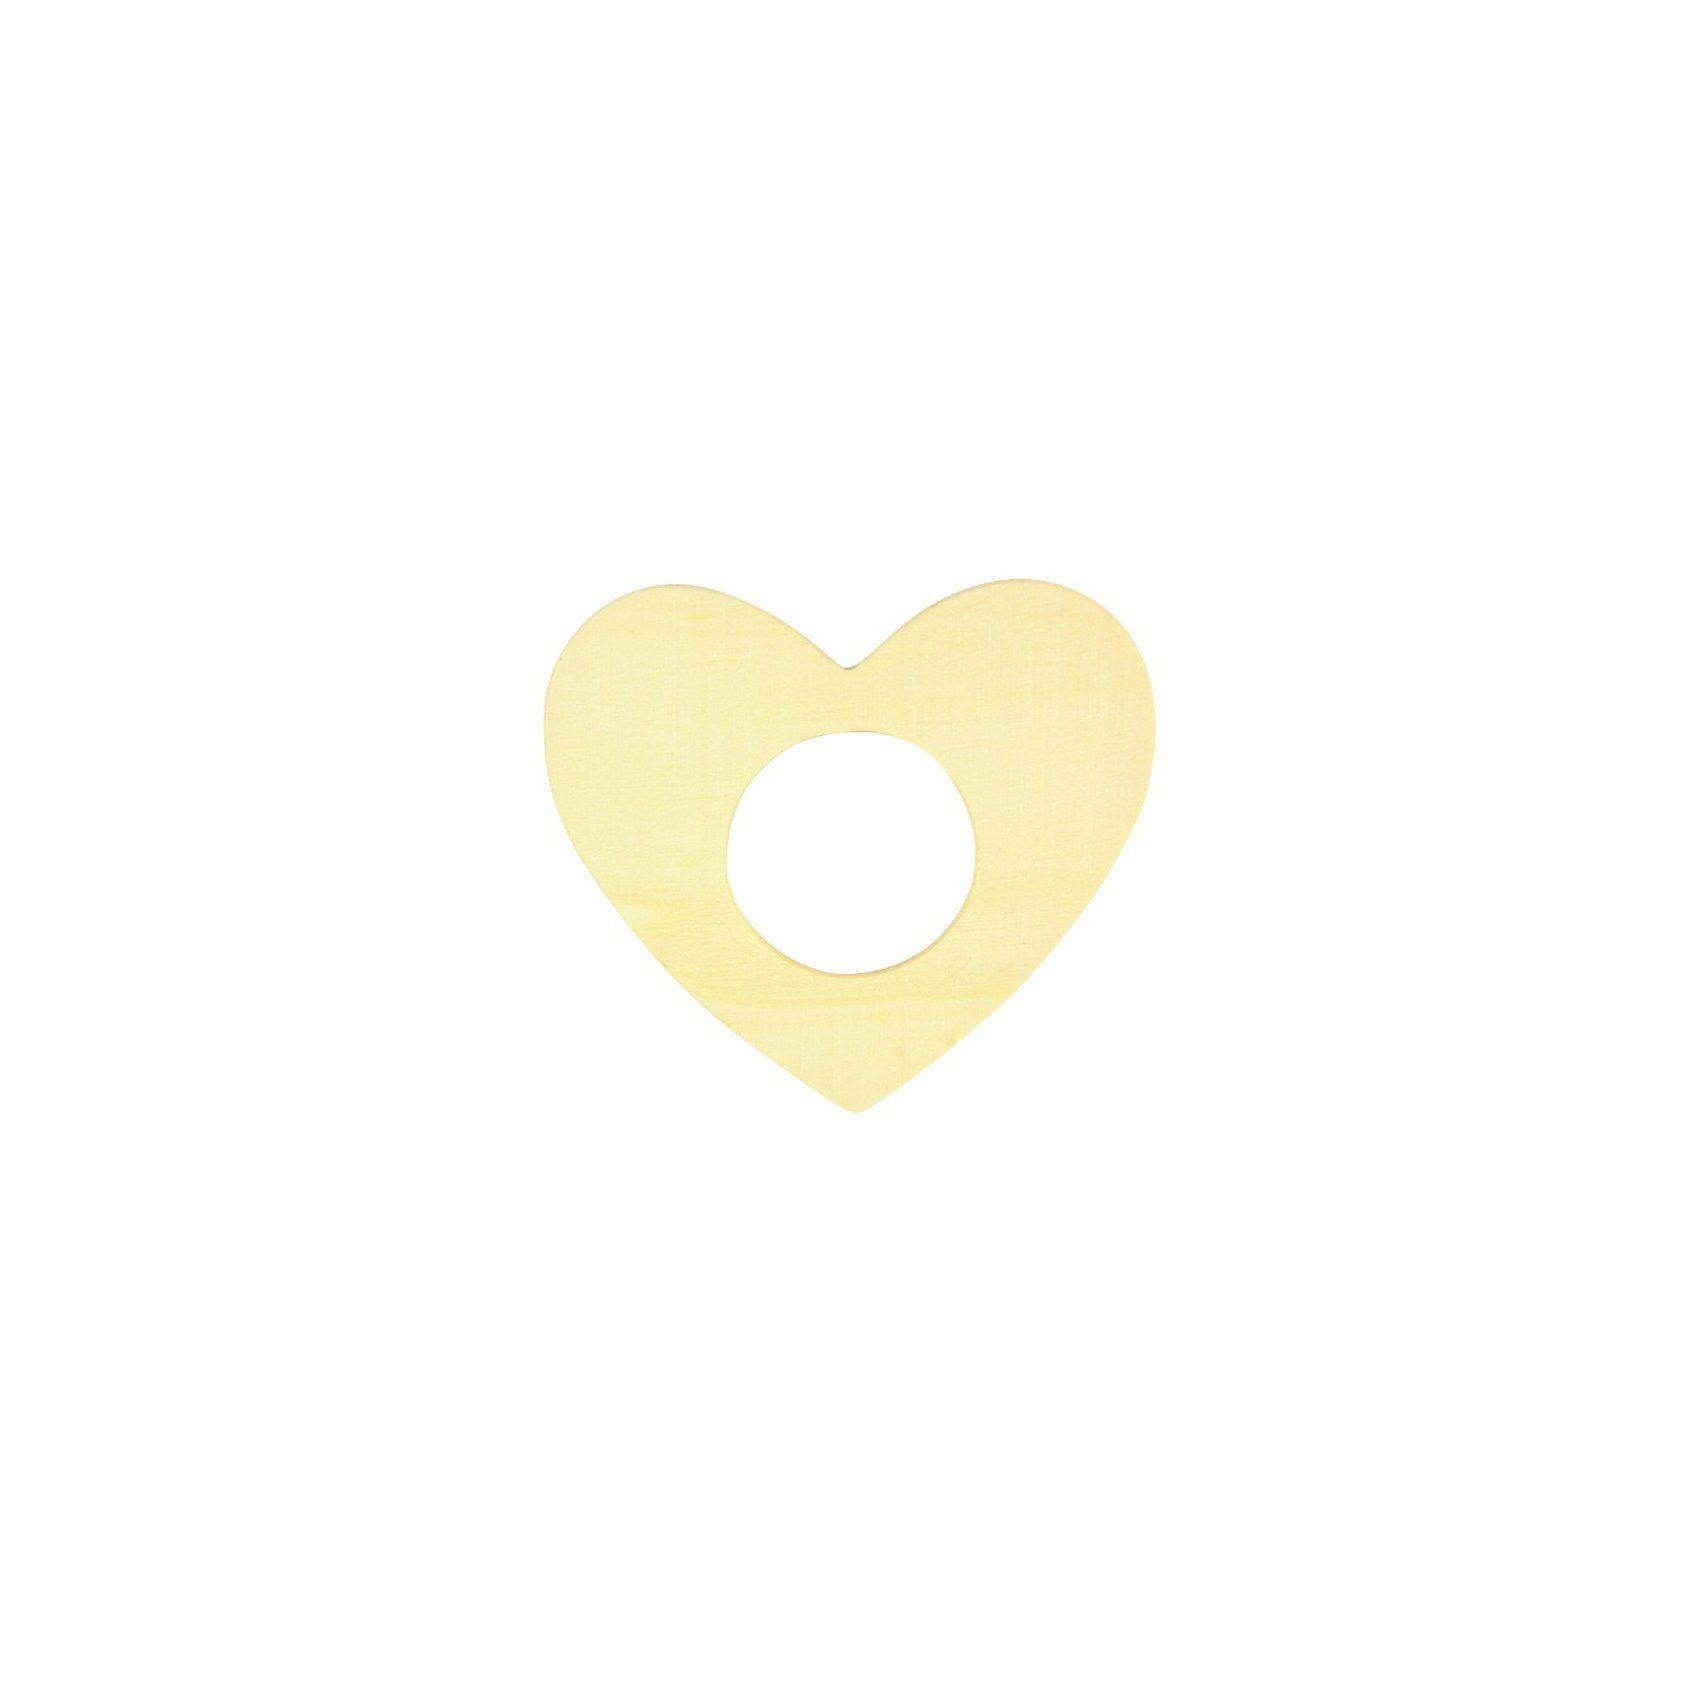 SUNNYSUE Serviettenringe Herz aus Holz zum Selbstgestalten, 12 Stück